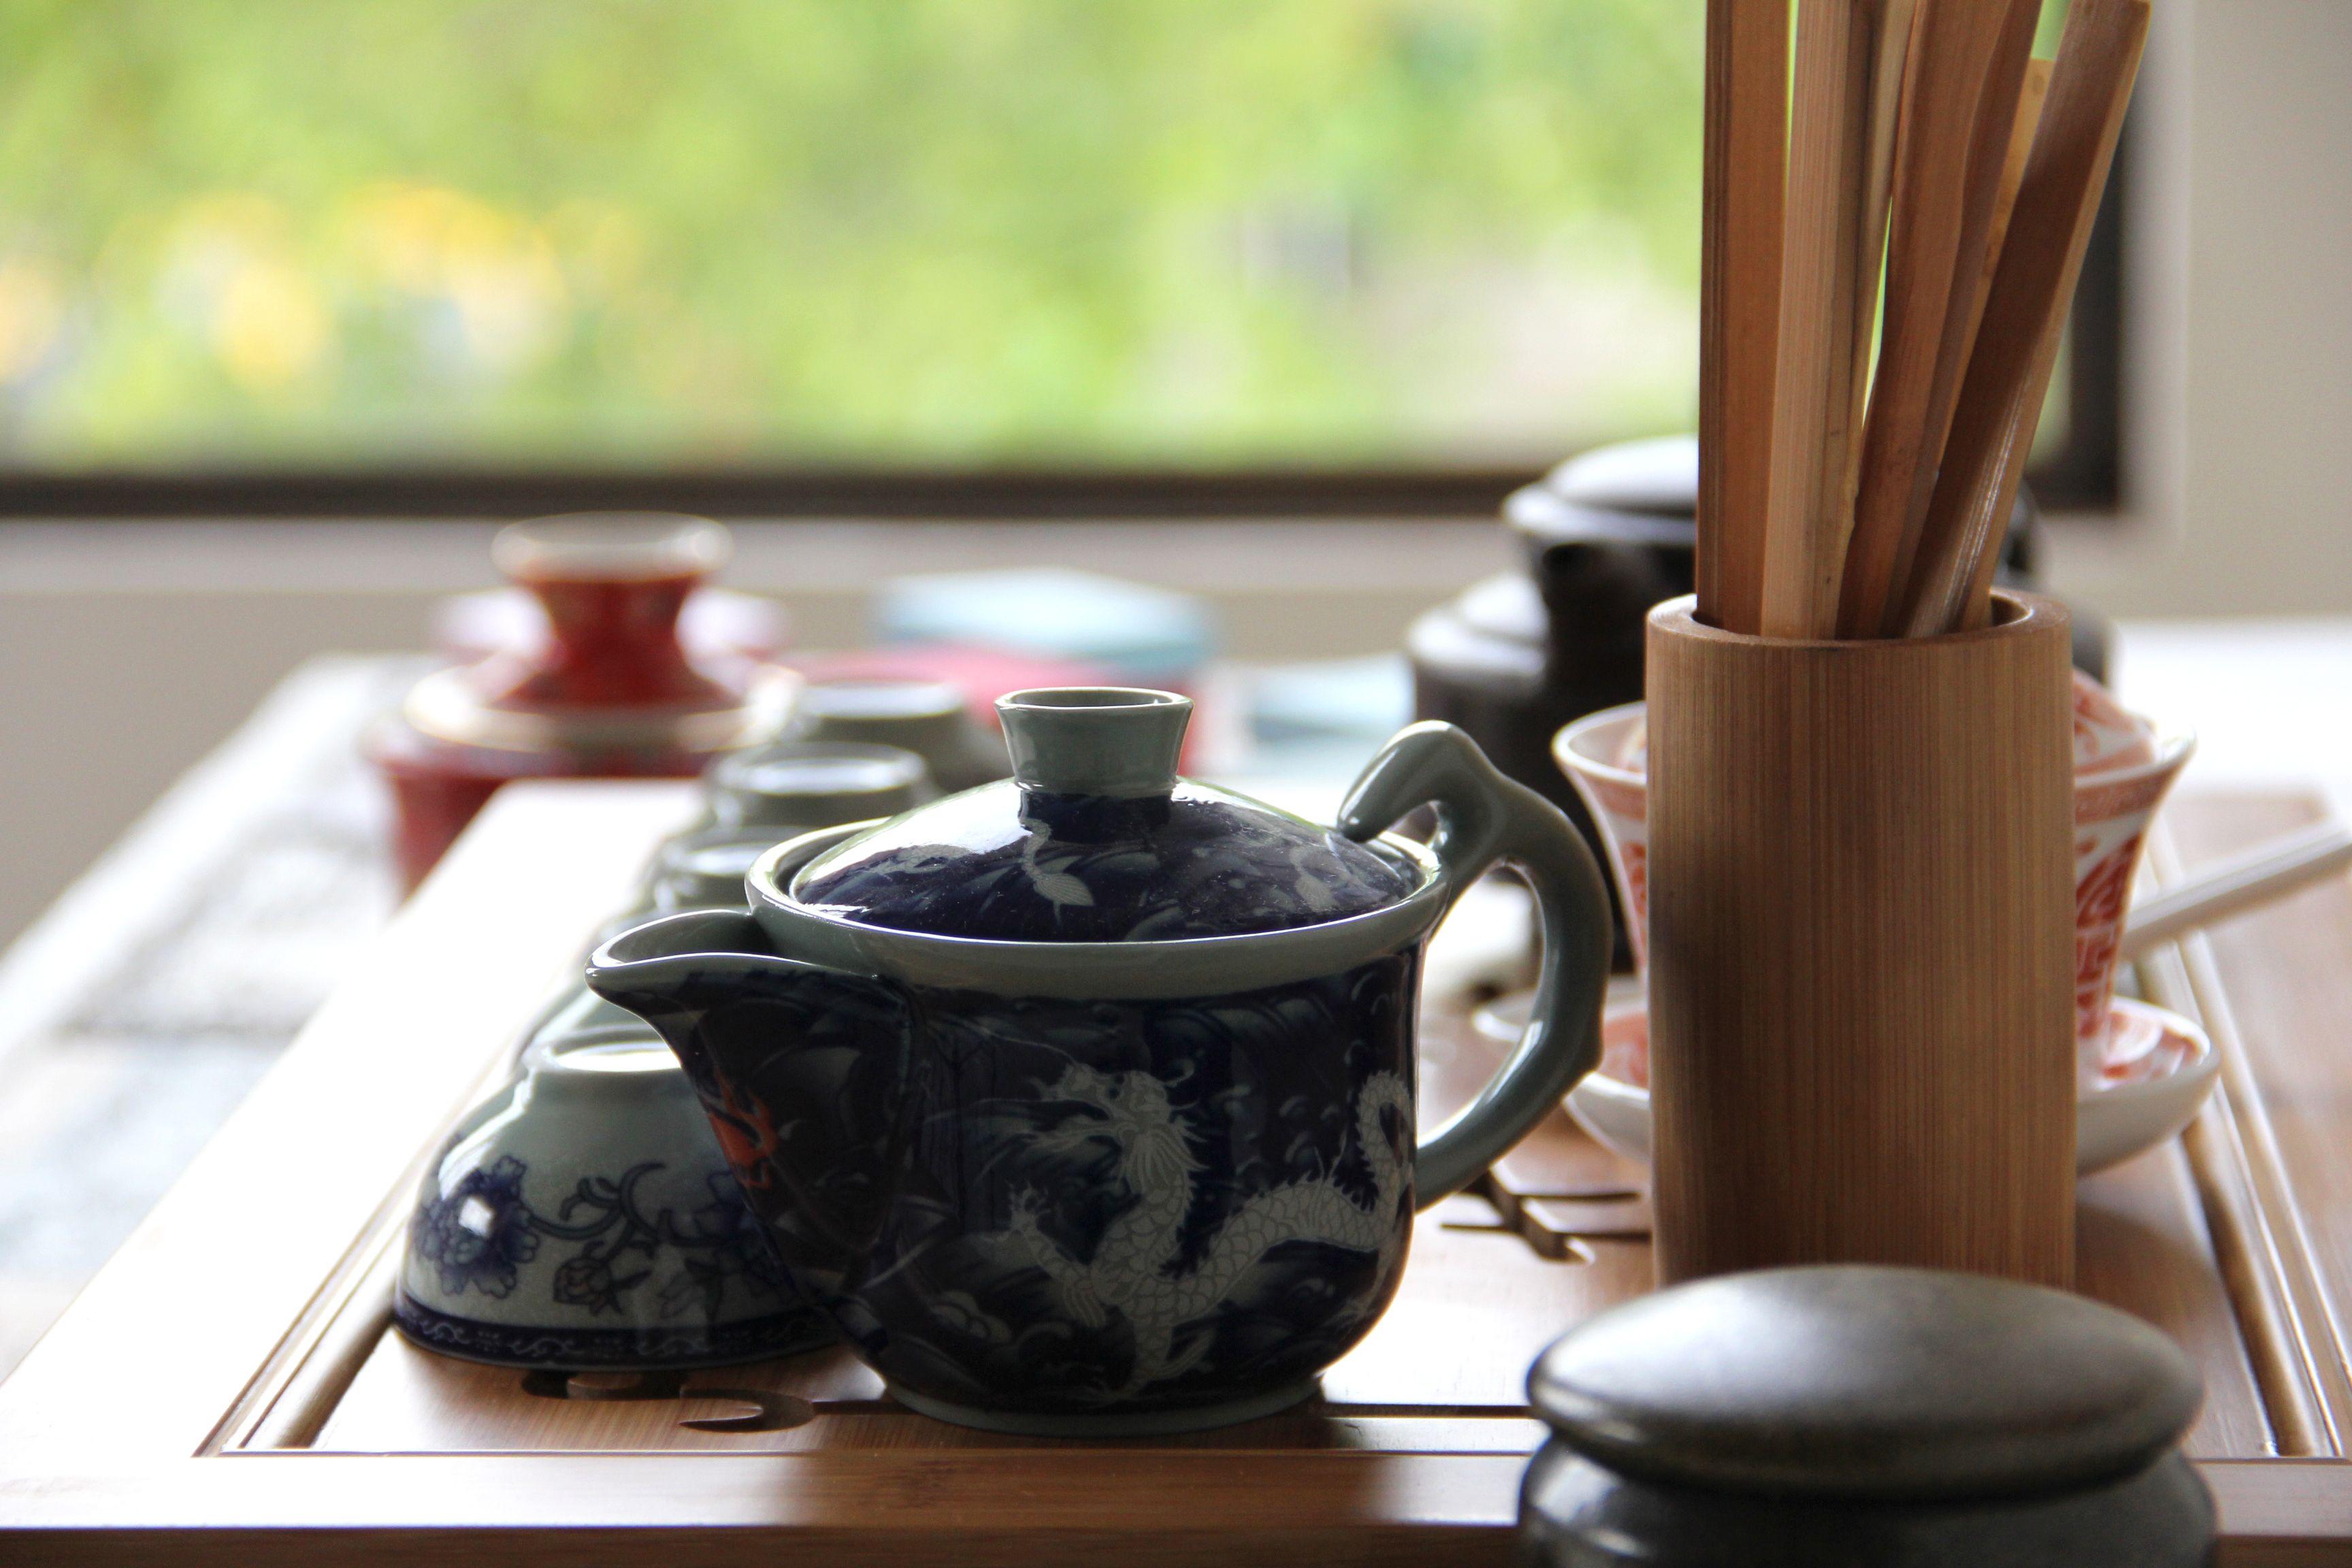 En la cultura japonesa, la ceremonia del té no sólo está destinada a disfrutar de la bebida, sino también, a la creación de una atmósfera especial. Es diseñada como una experiencia espiritual para celebrar la tranquilidad, el respeto y la armonía. #CulturadelTé